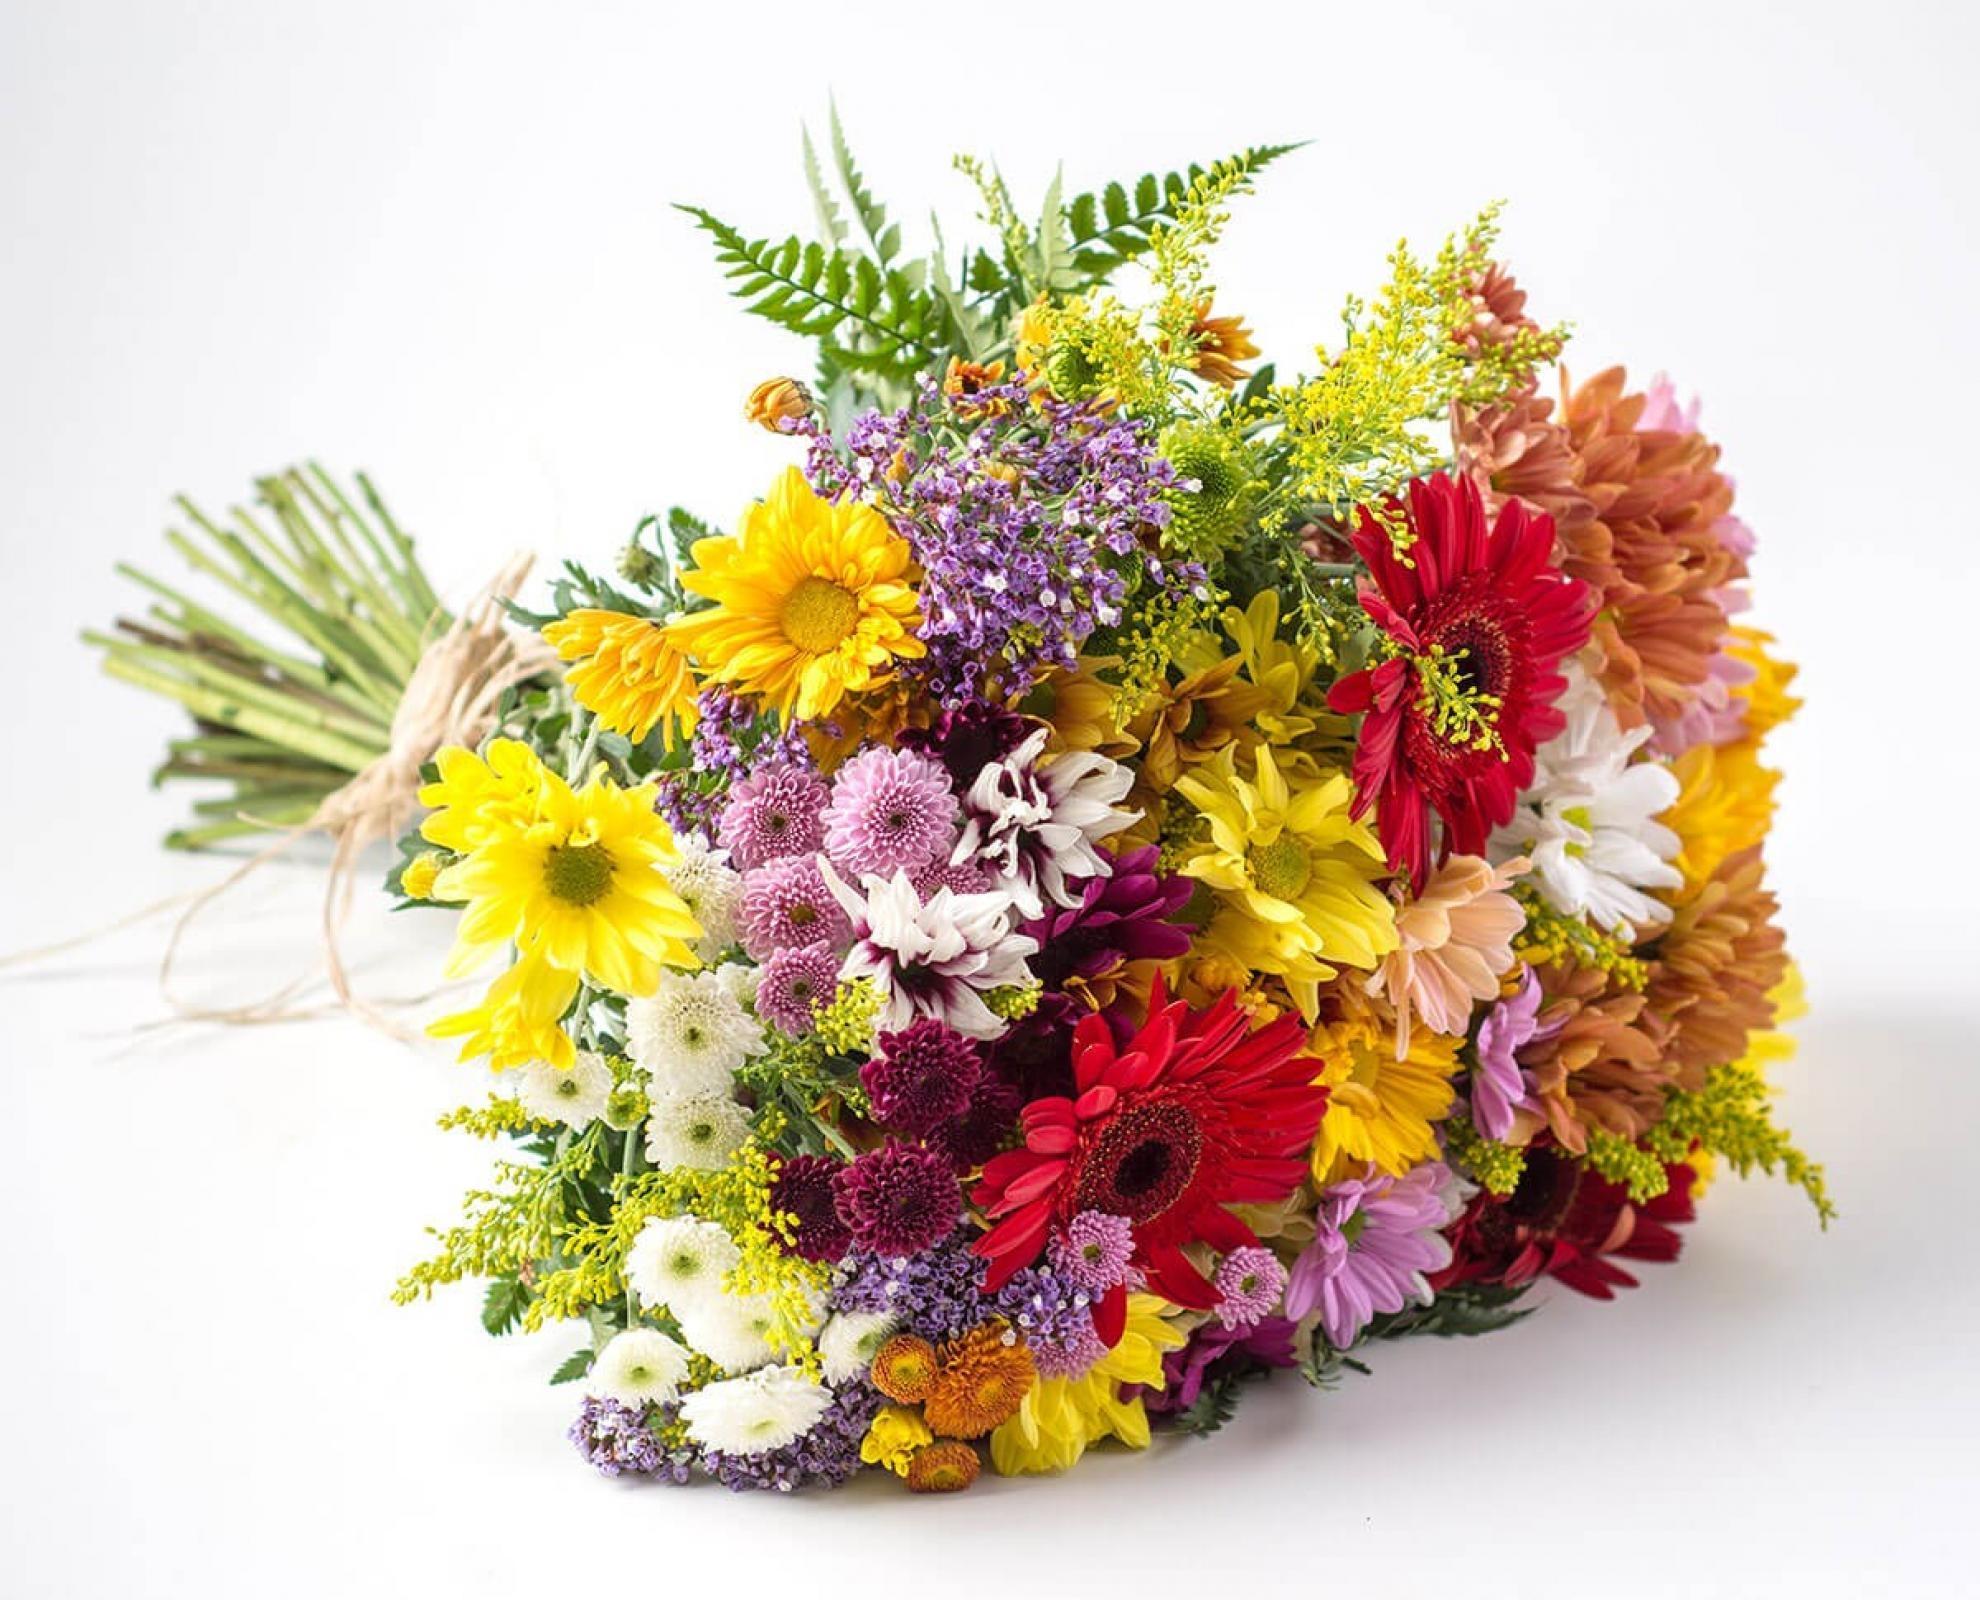 Buqu� de Flores de Campo -  BT06